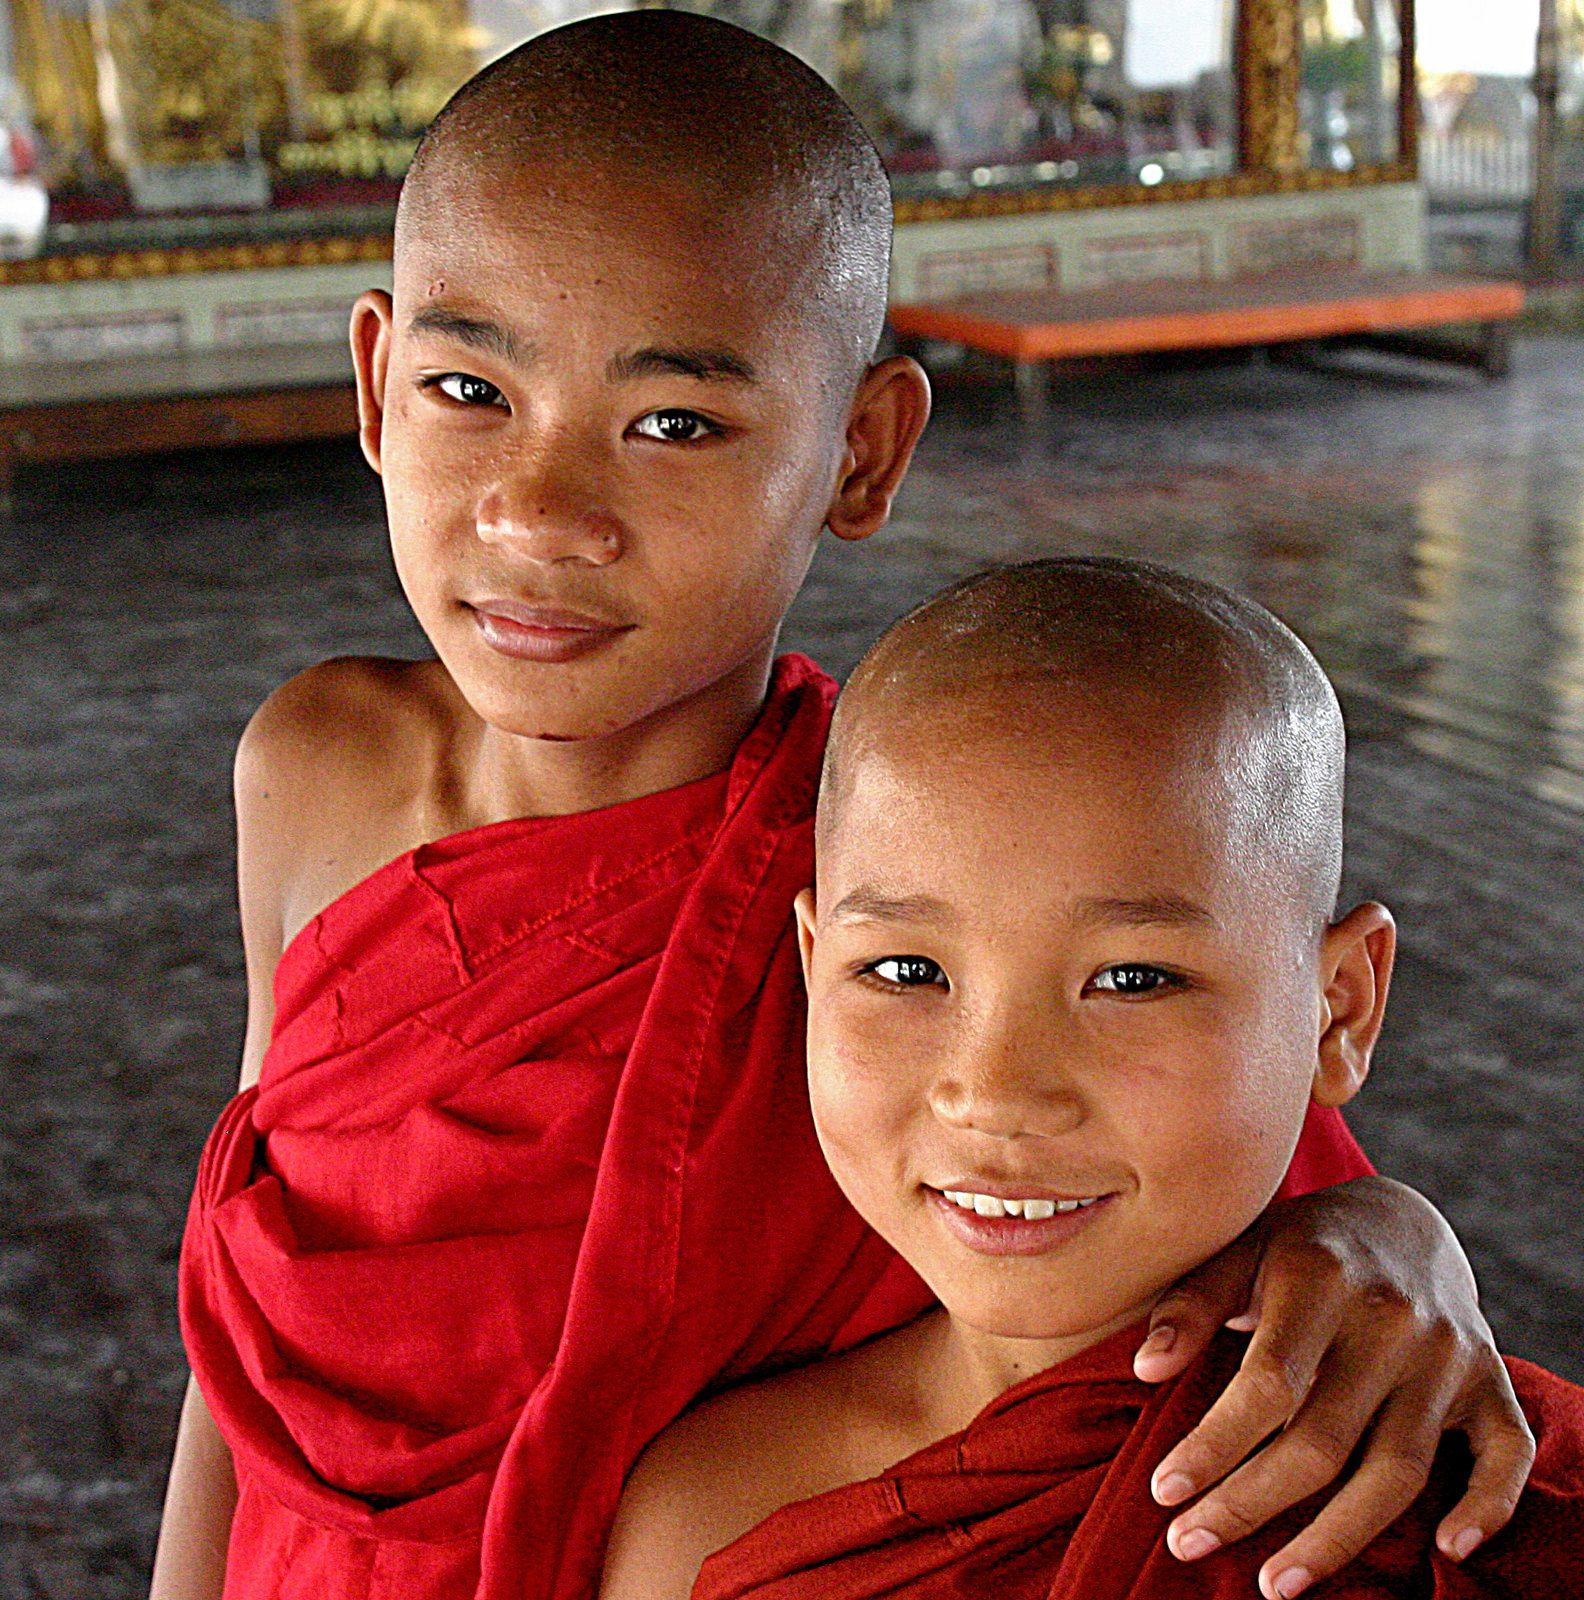 https://flic.kr/p/xBA1yi | Buddhist novices at Shwedagon Pagoda. | Buddhist novices at Shwedagon Pagoda. Yangoon, Burma 07/03/2005